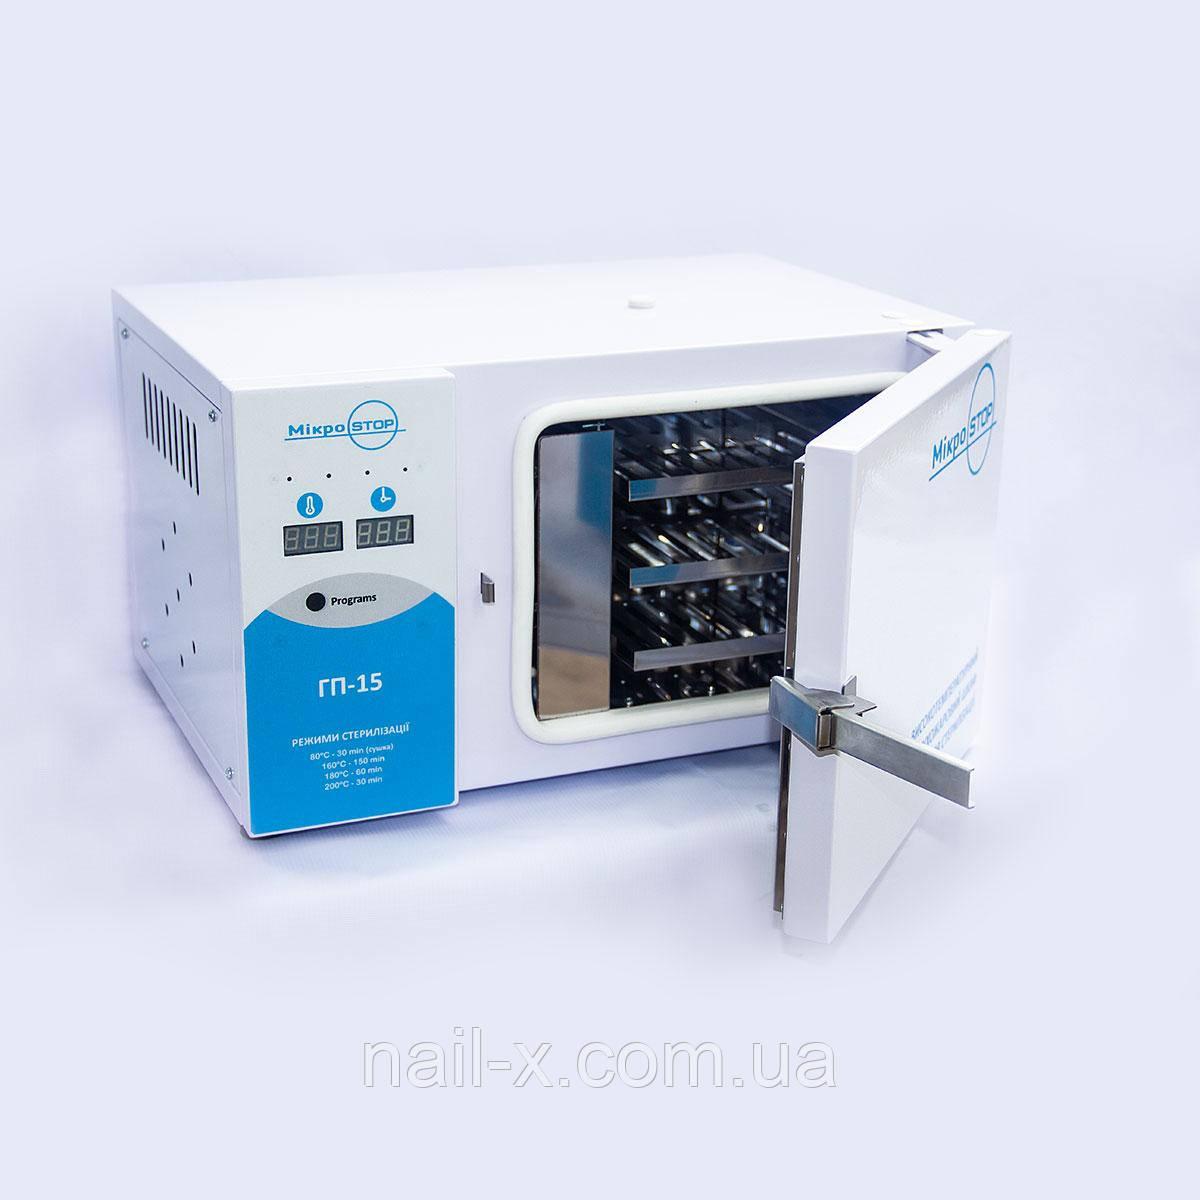 Сухожар — стерилизатор температурный Микростоп ГП 20 PRO для инструментов педикюра и маникюра